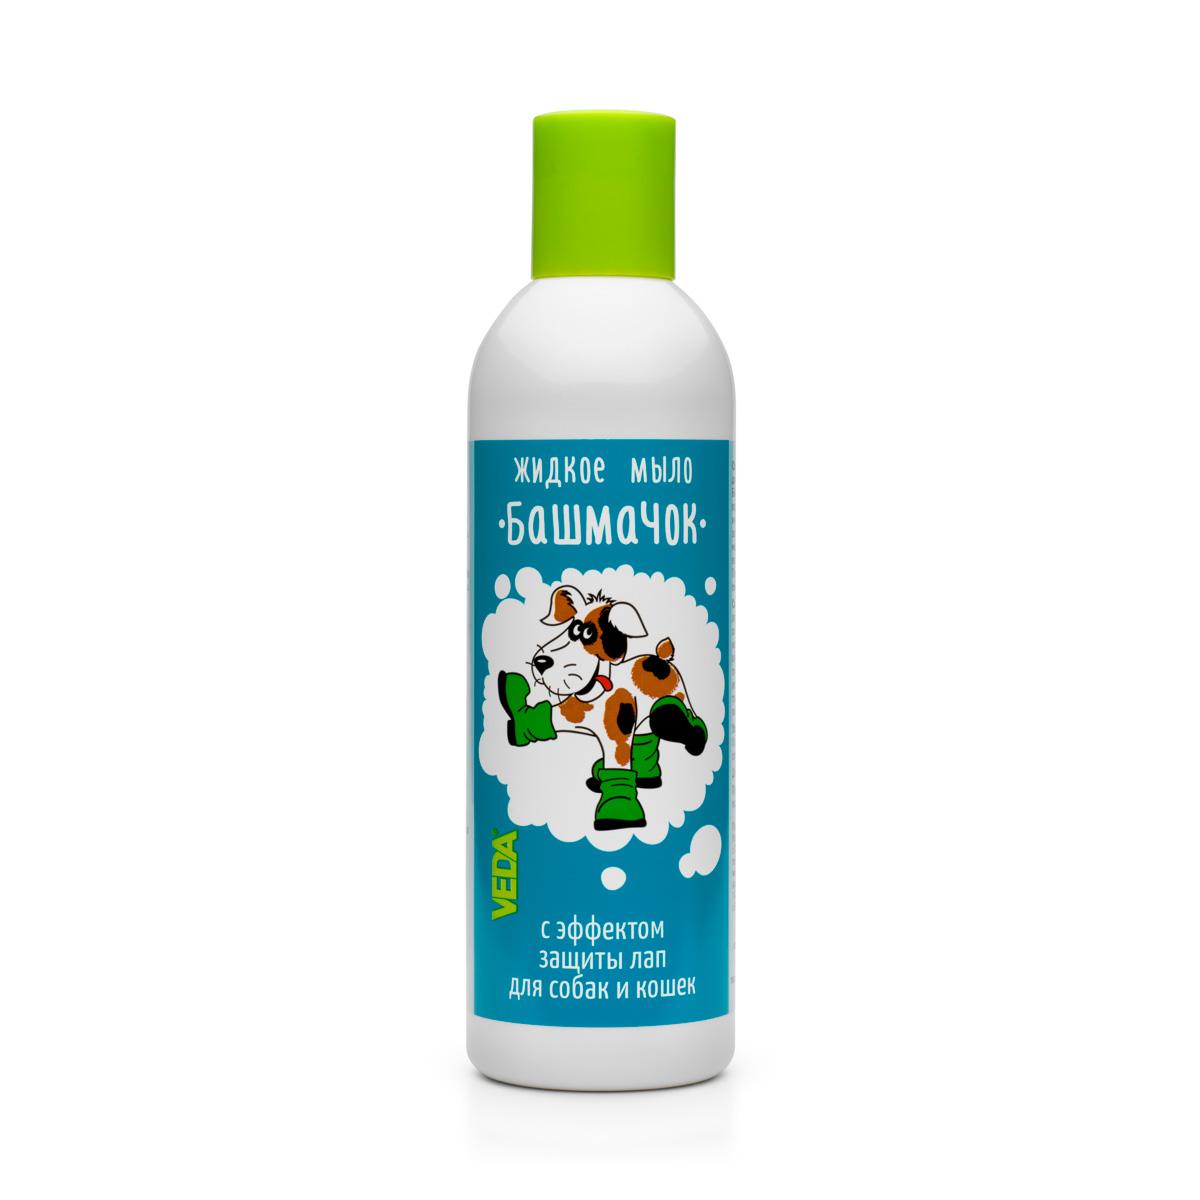 БАШМАЧОК жидкое мыло для собак и кошек